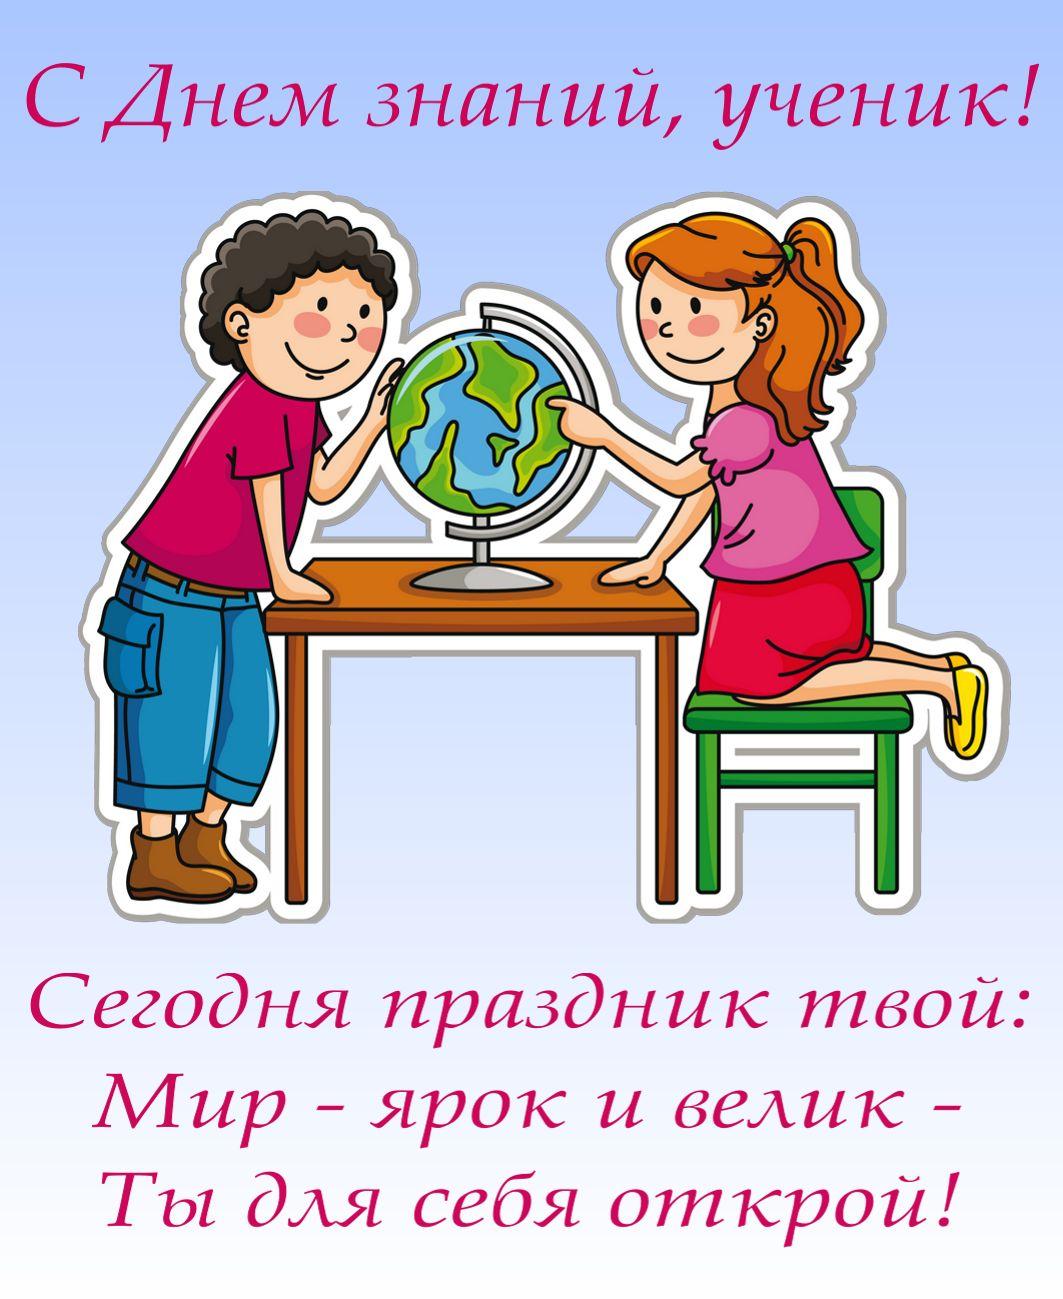 Пожелание ученикам на День знаний